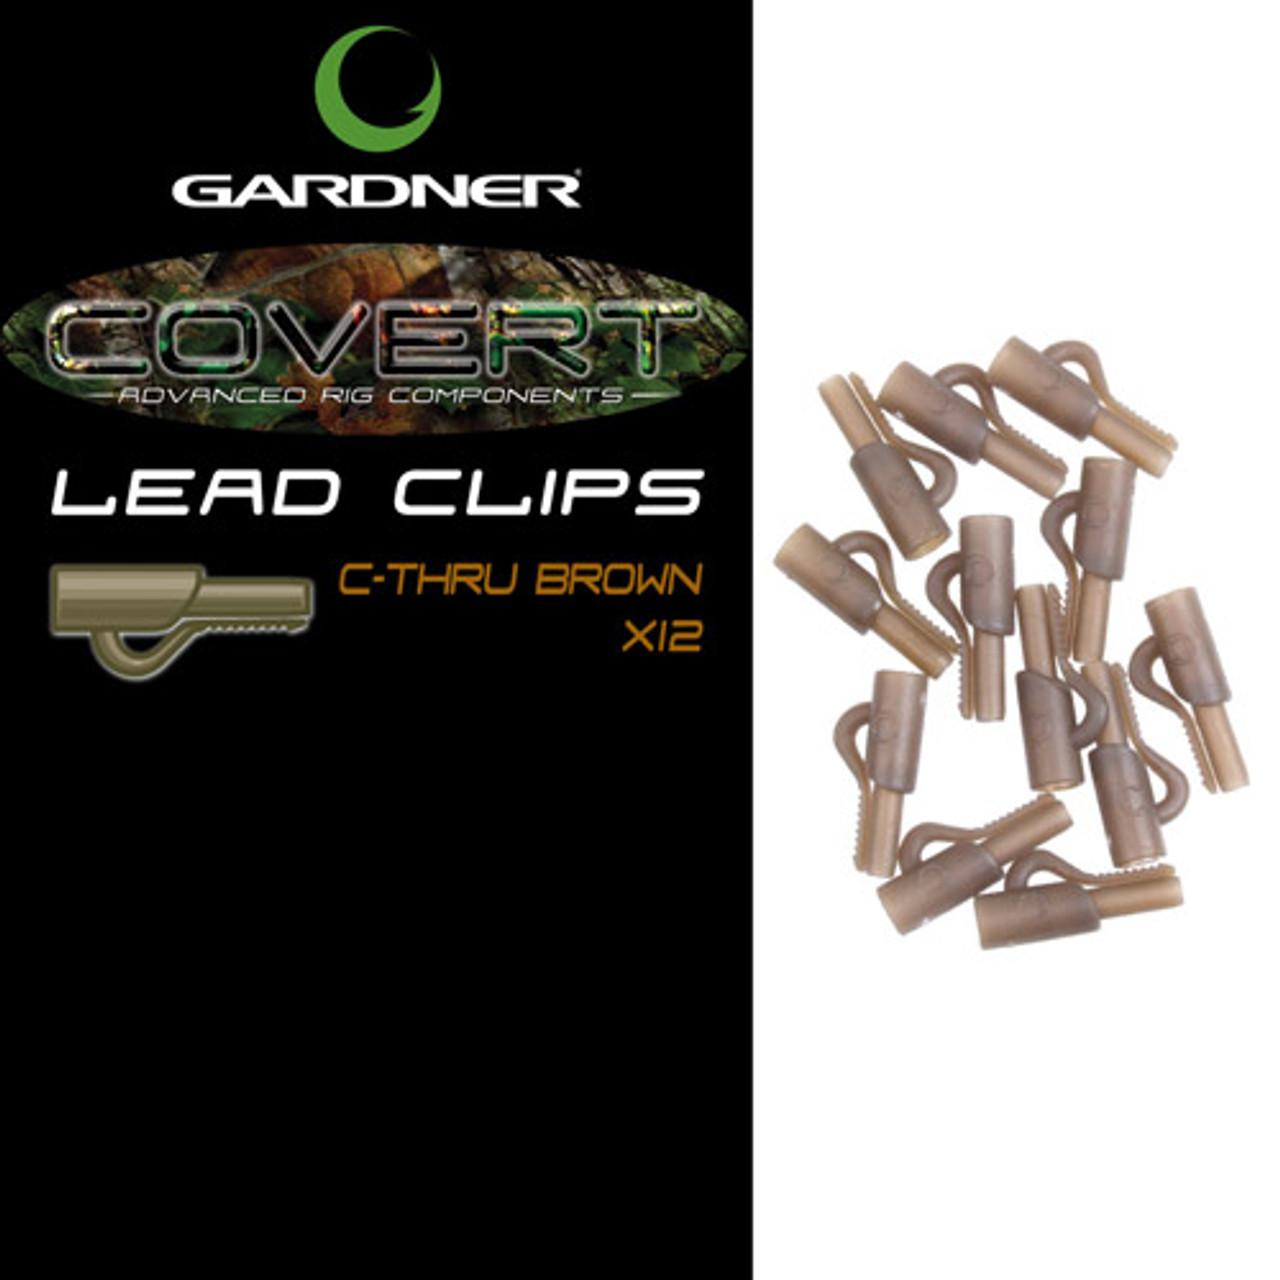 Gardner Covert Lead Clips